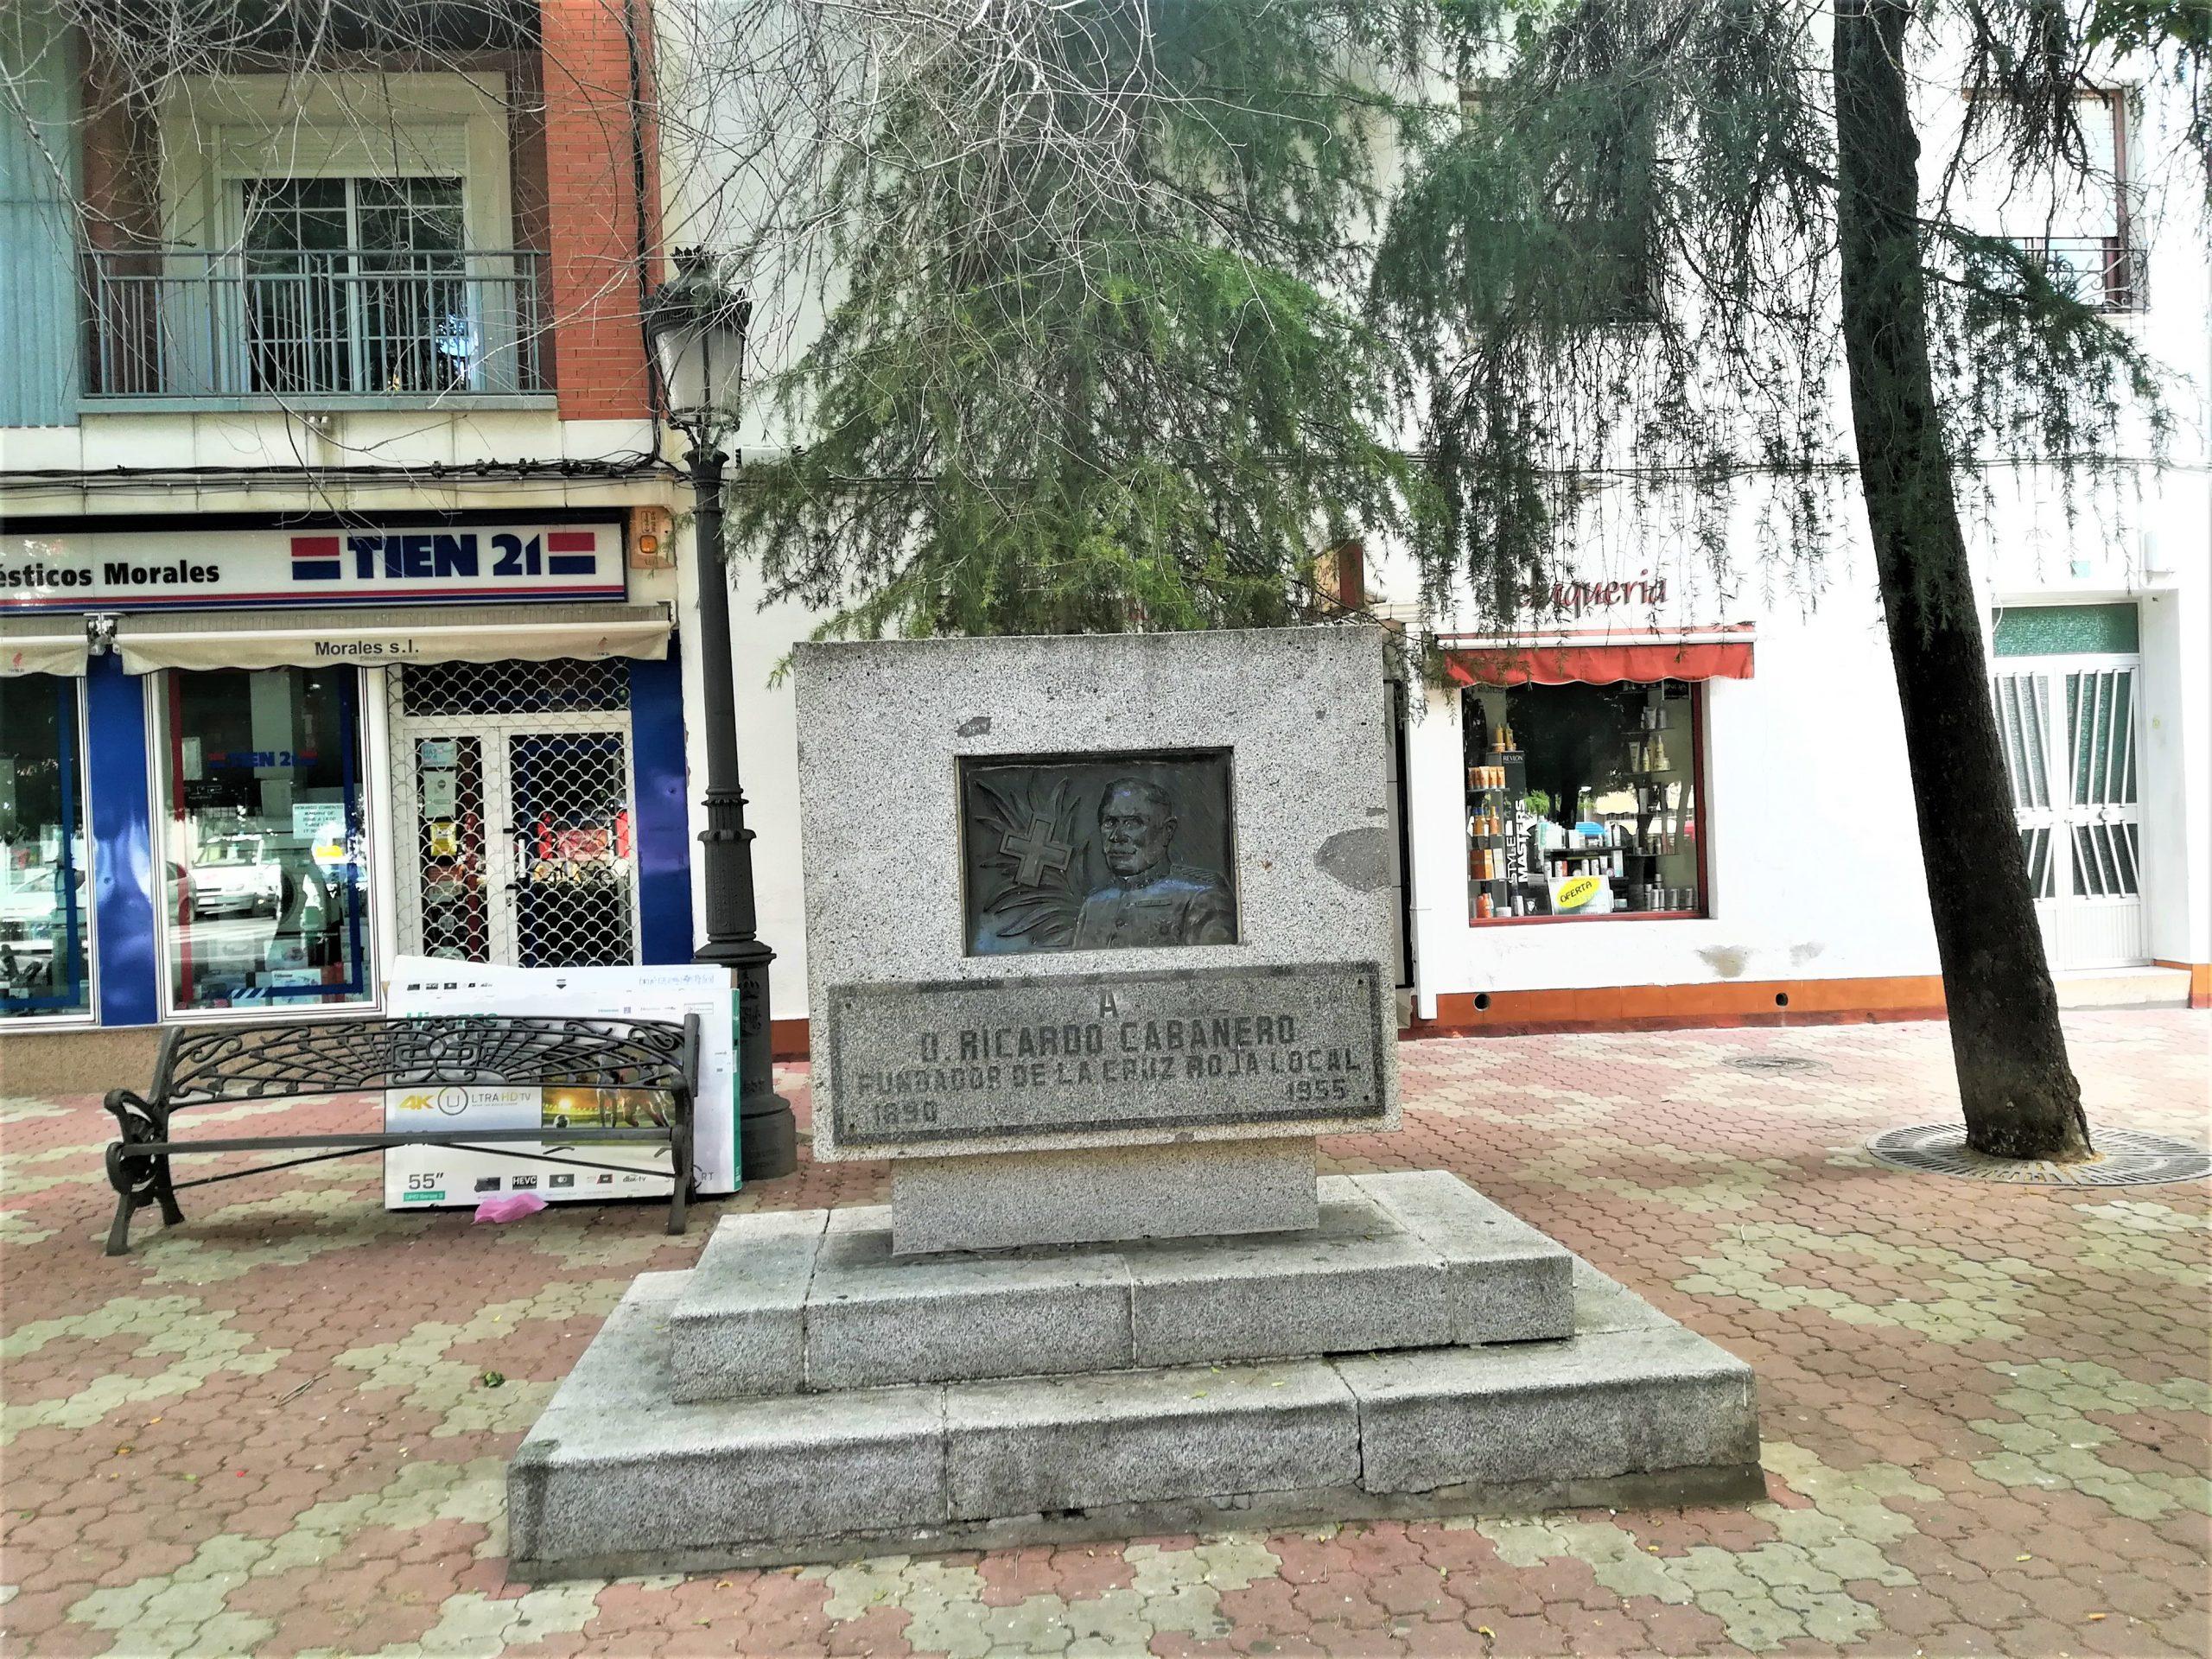 Monumento Ricardo Cabañero Fotografía F. Negrete 2019